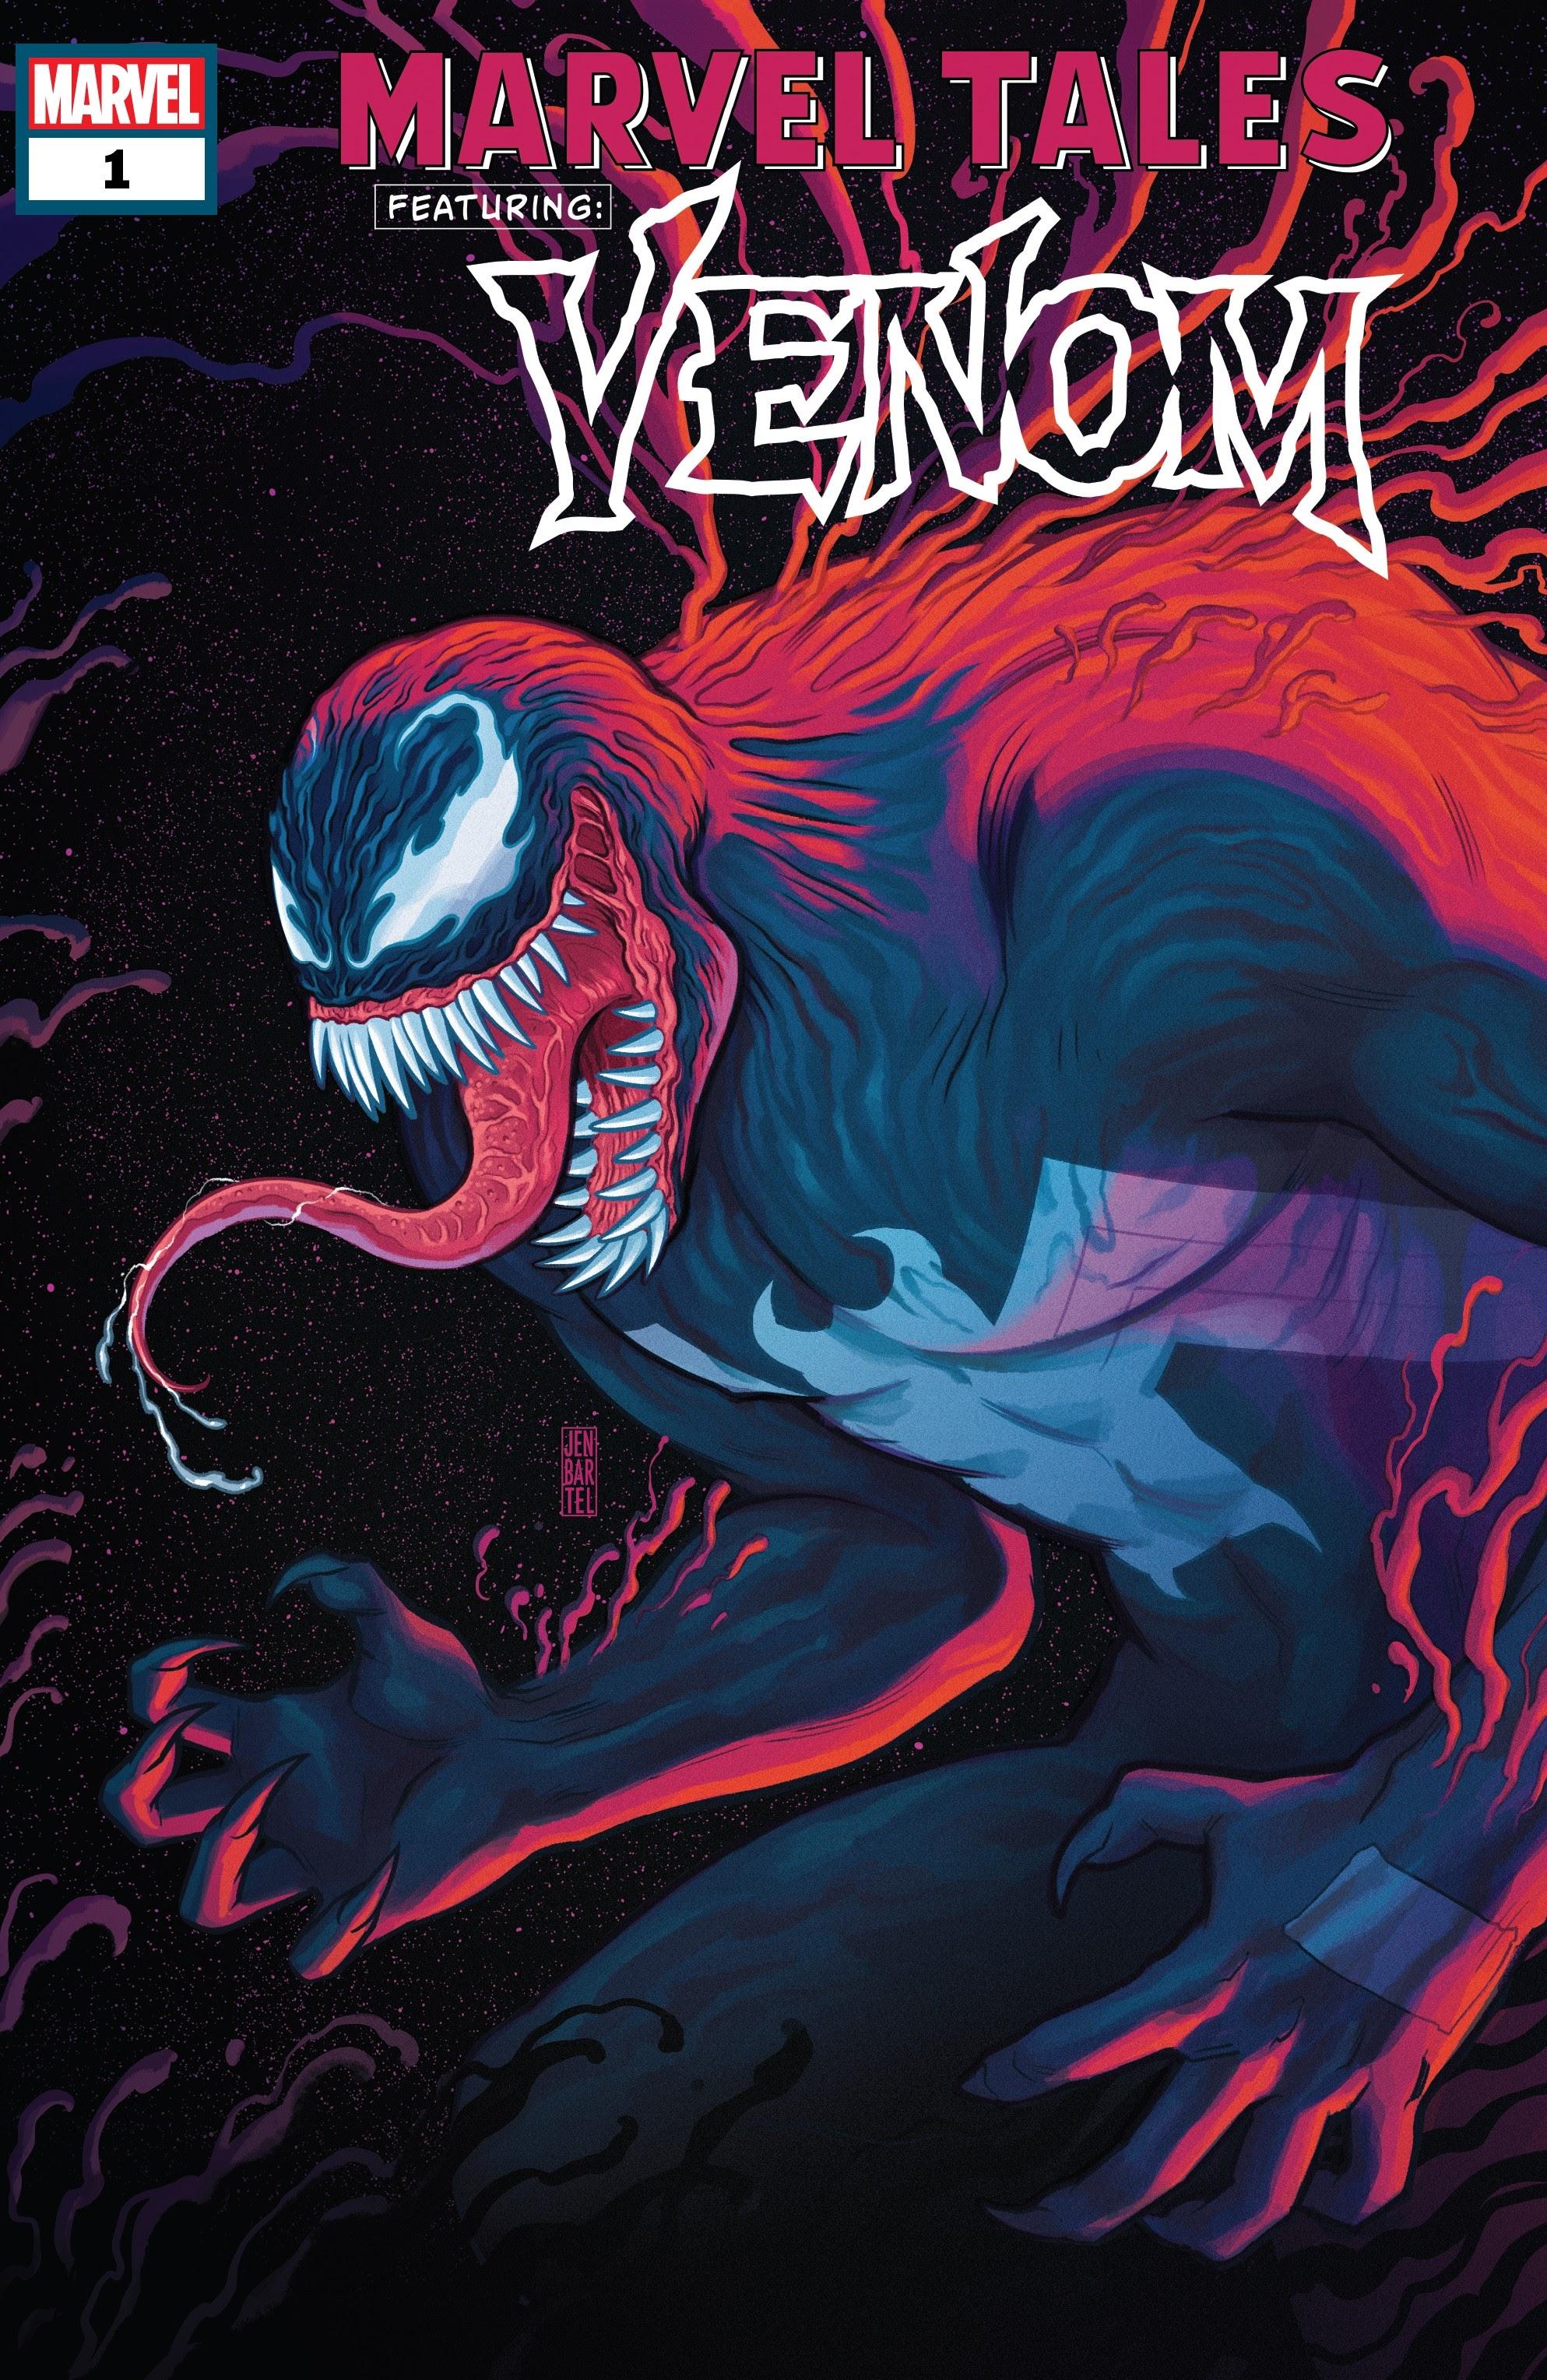 Marvel Tales: Venom Full Page 1